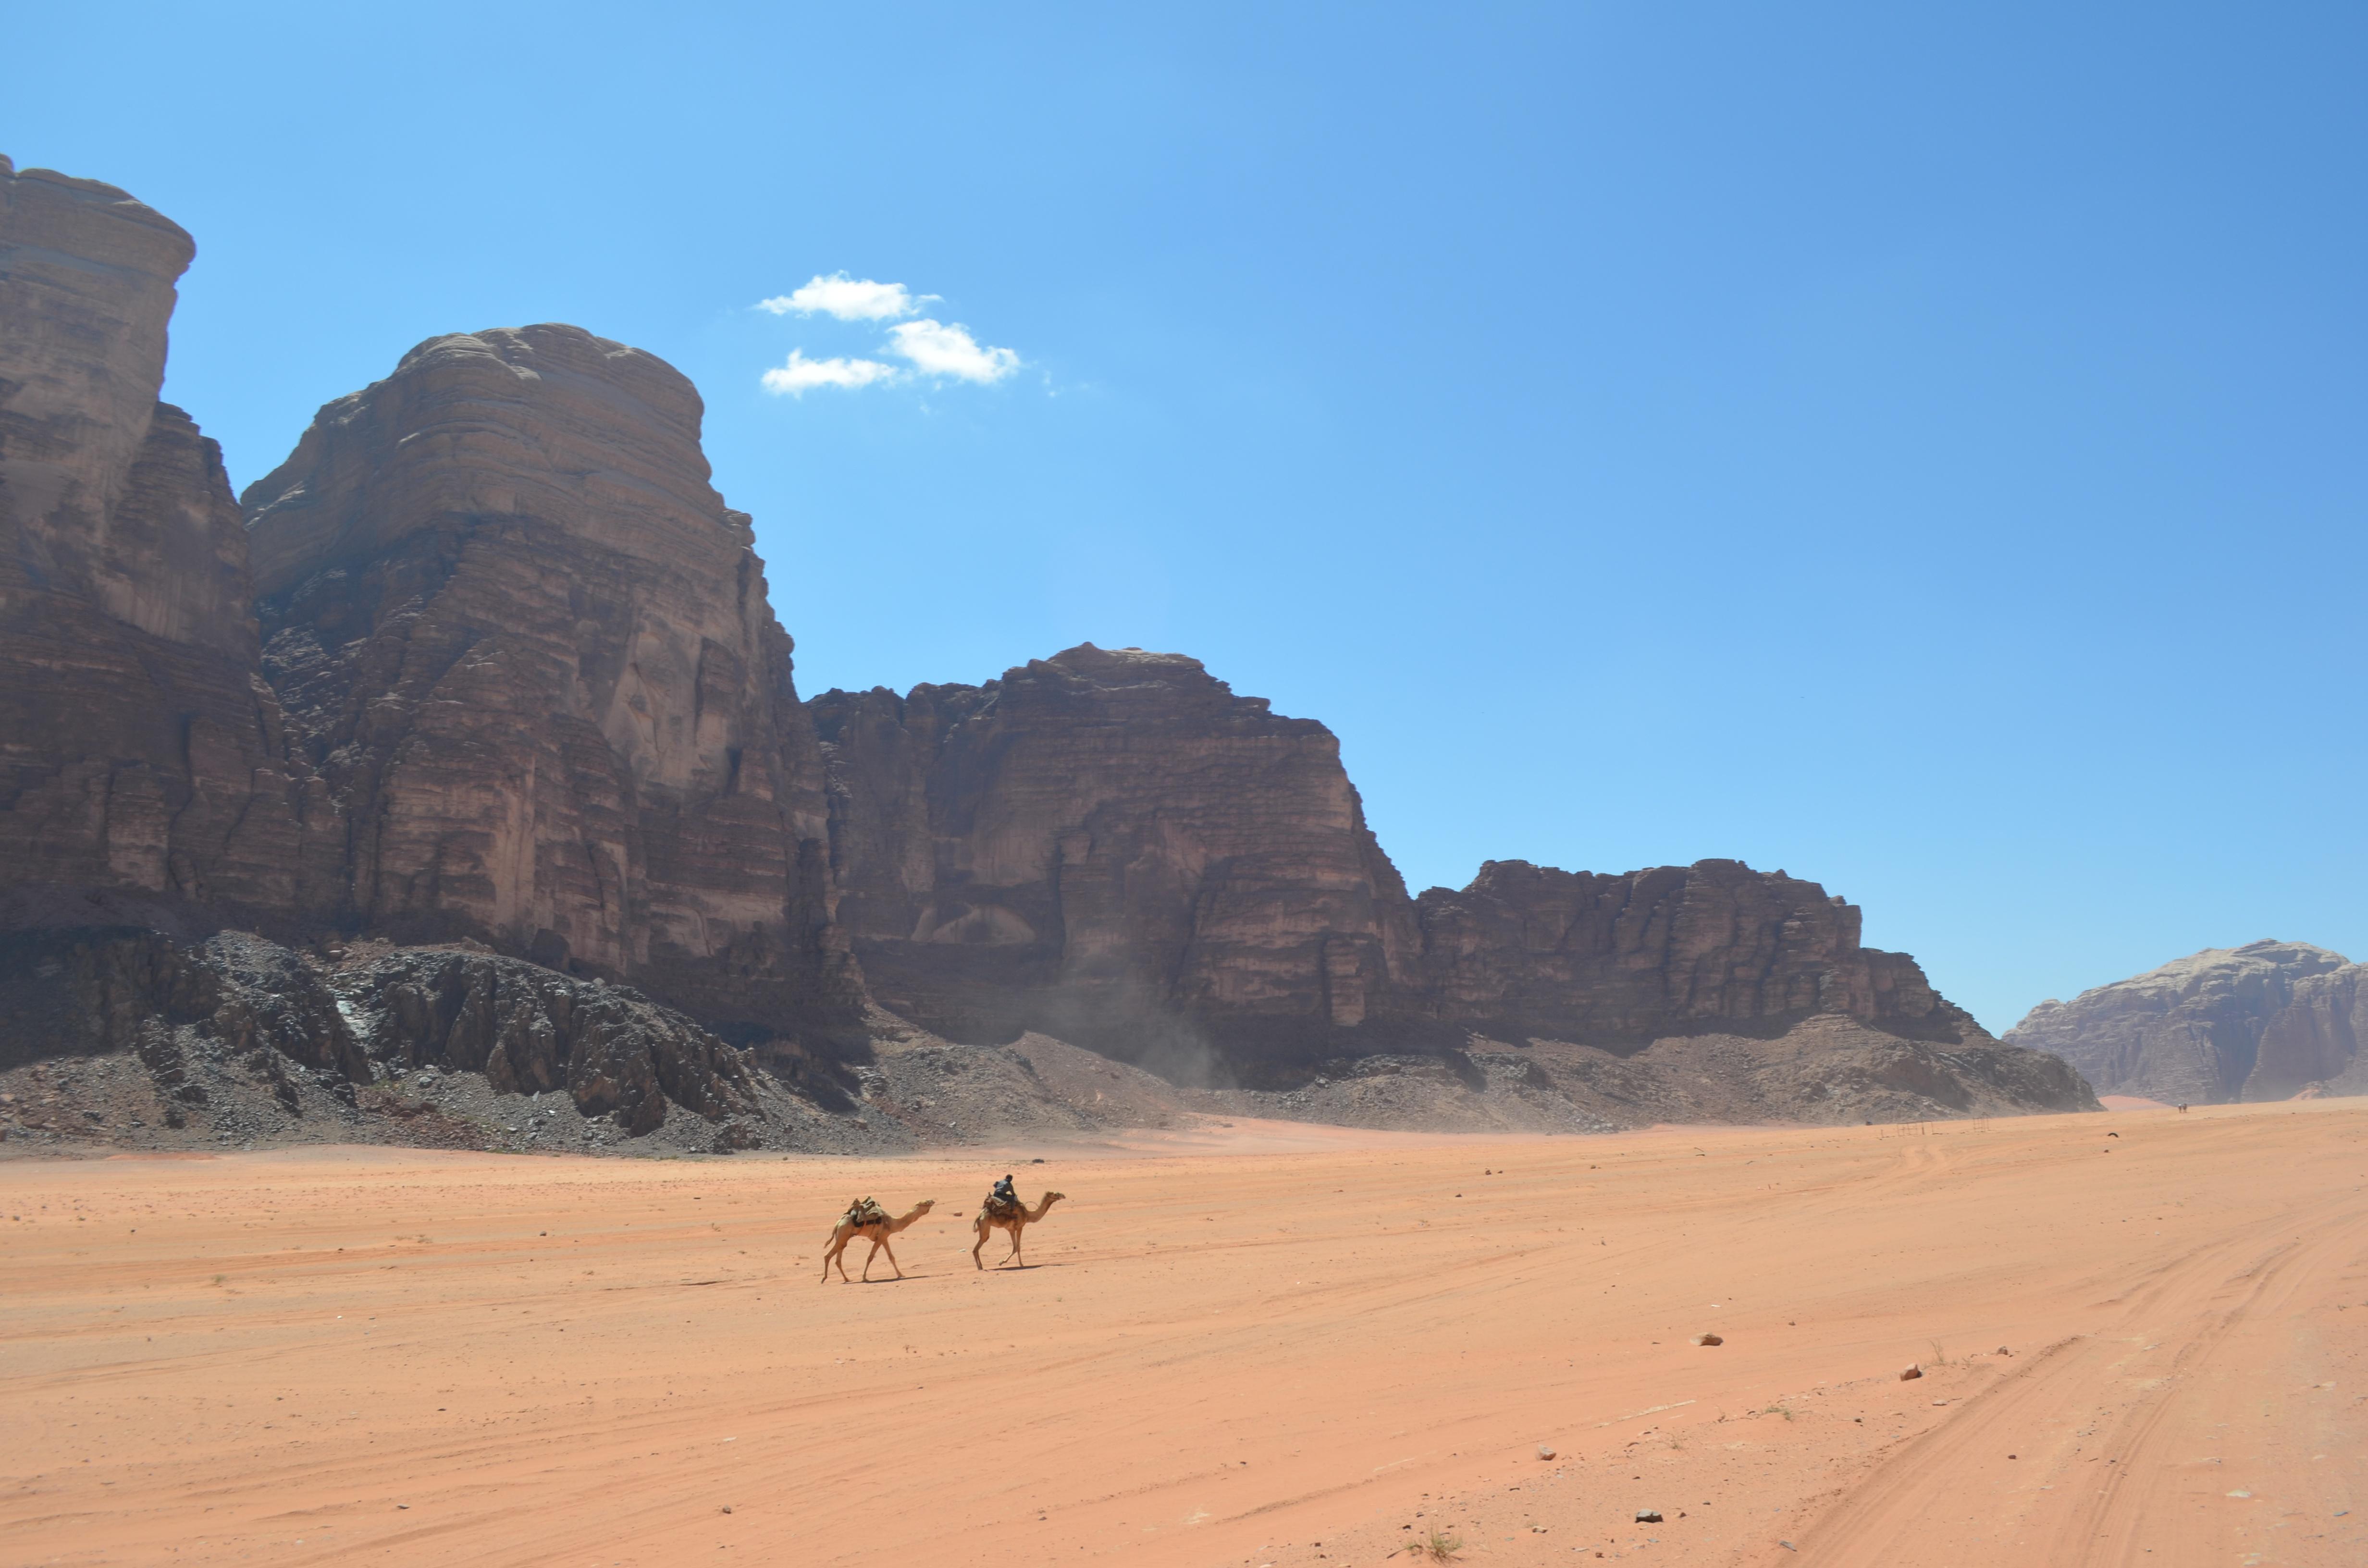 Ganz wichtig: Helfe den Beduinen dabei, ihre Wüste sauber zu halten!